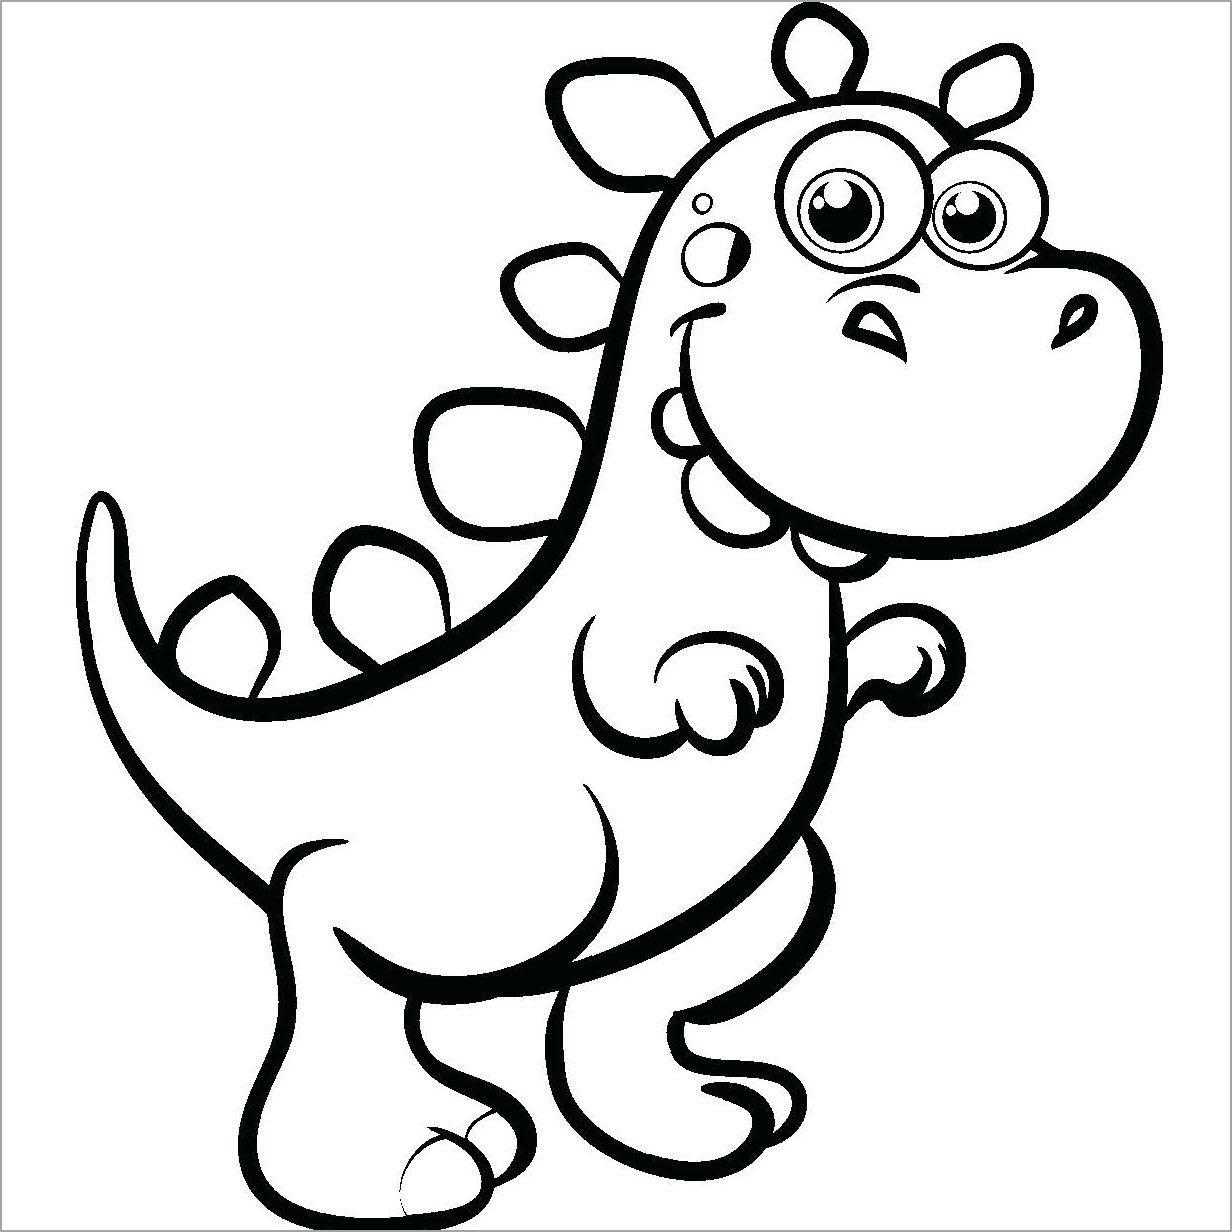 Tập tô màu hình khủng long cho bé